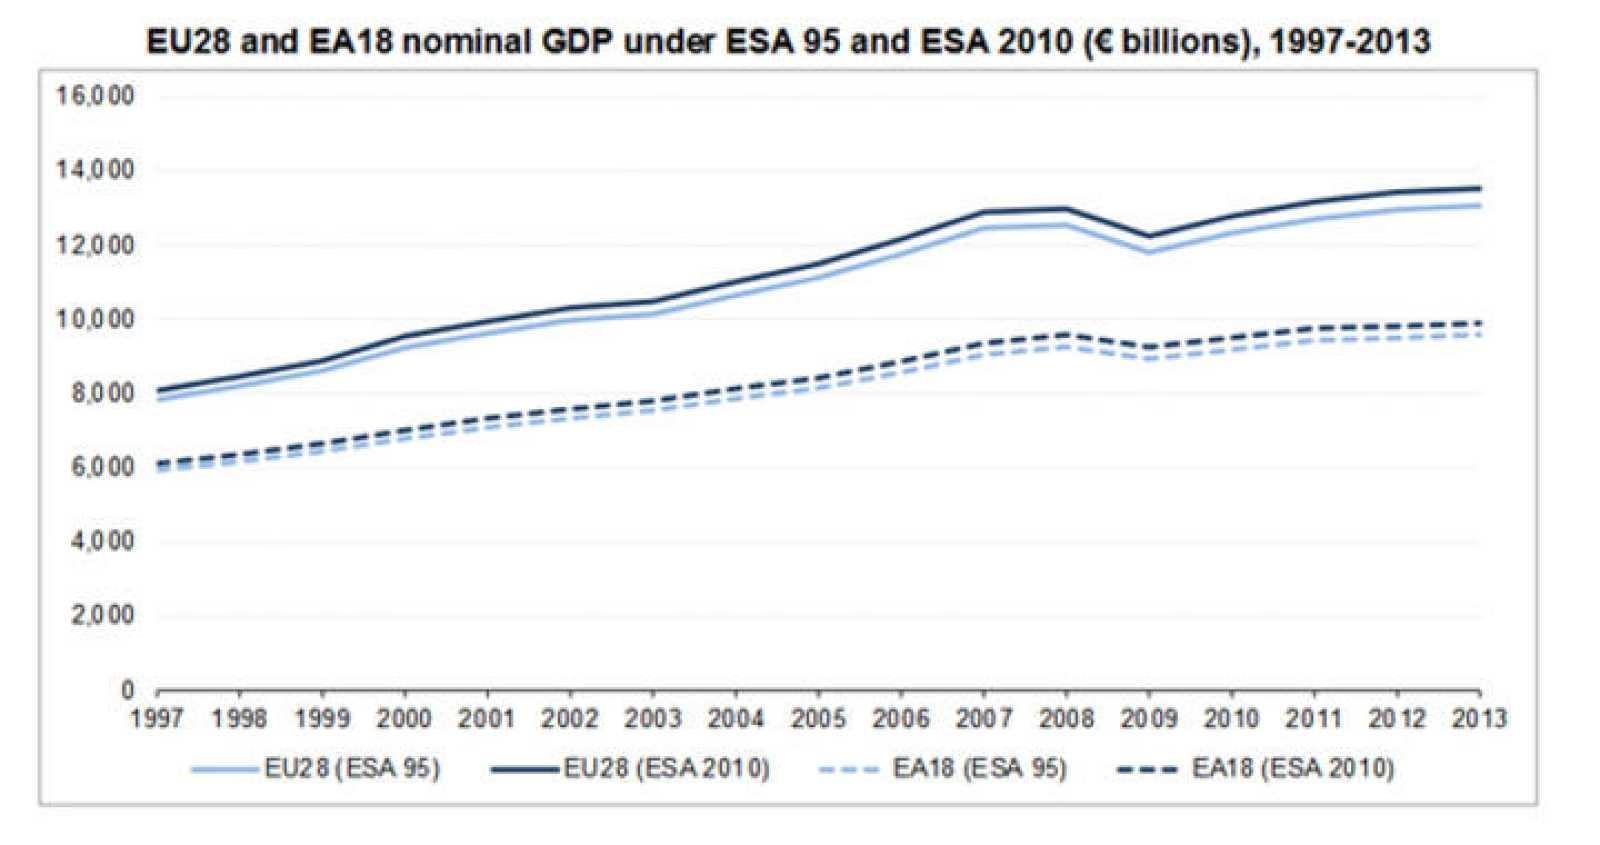 Evolución del PIB de la UE y la eurozona de 1997 a 2013